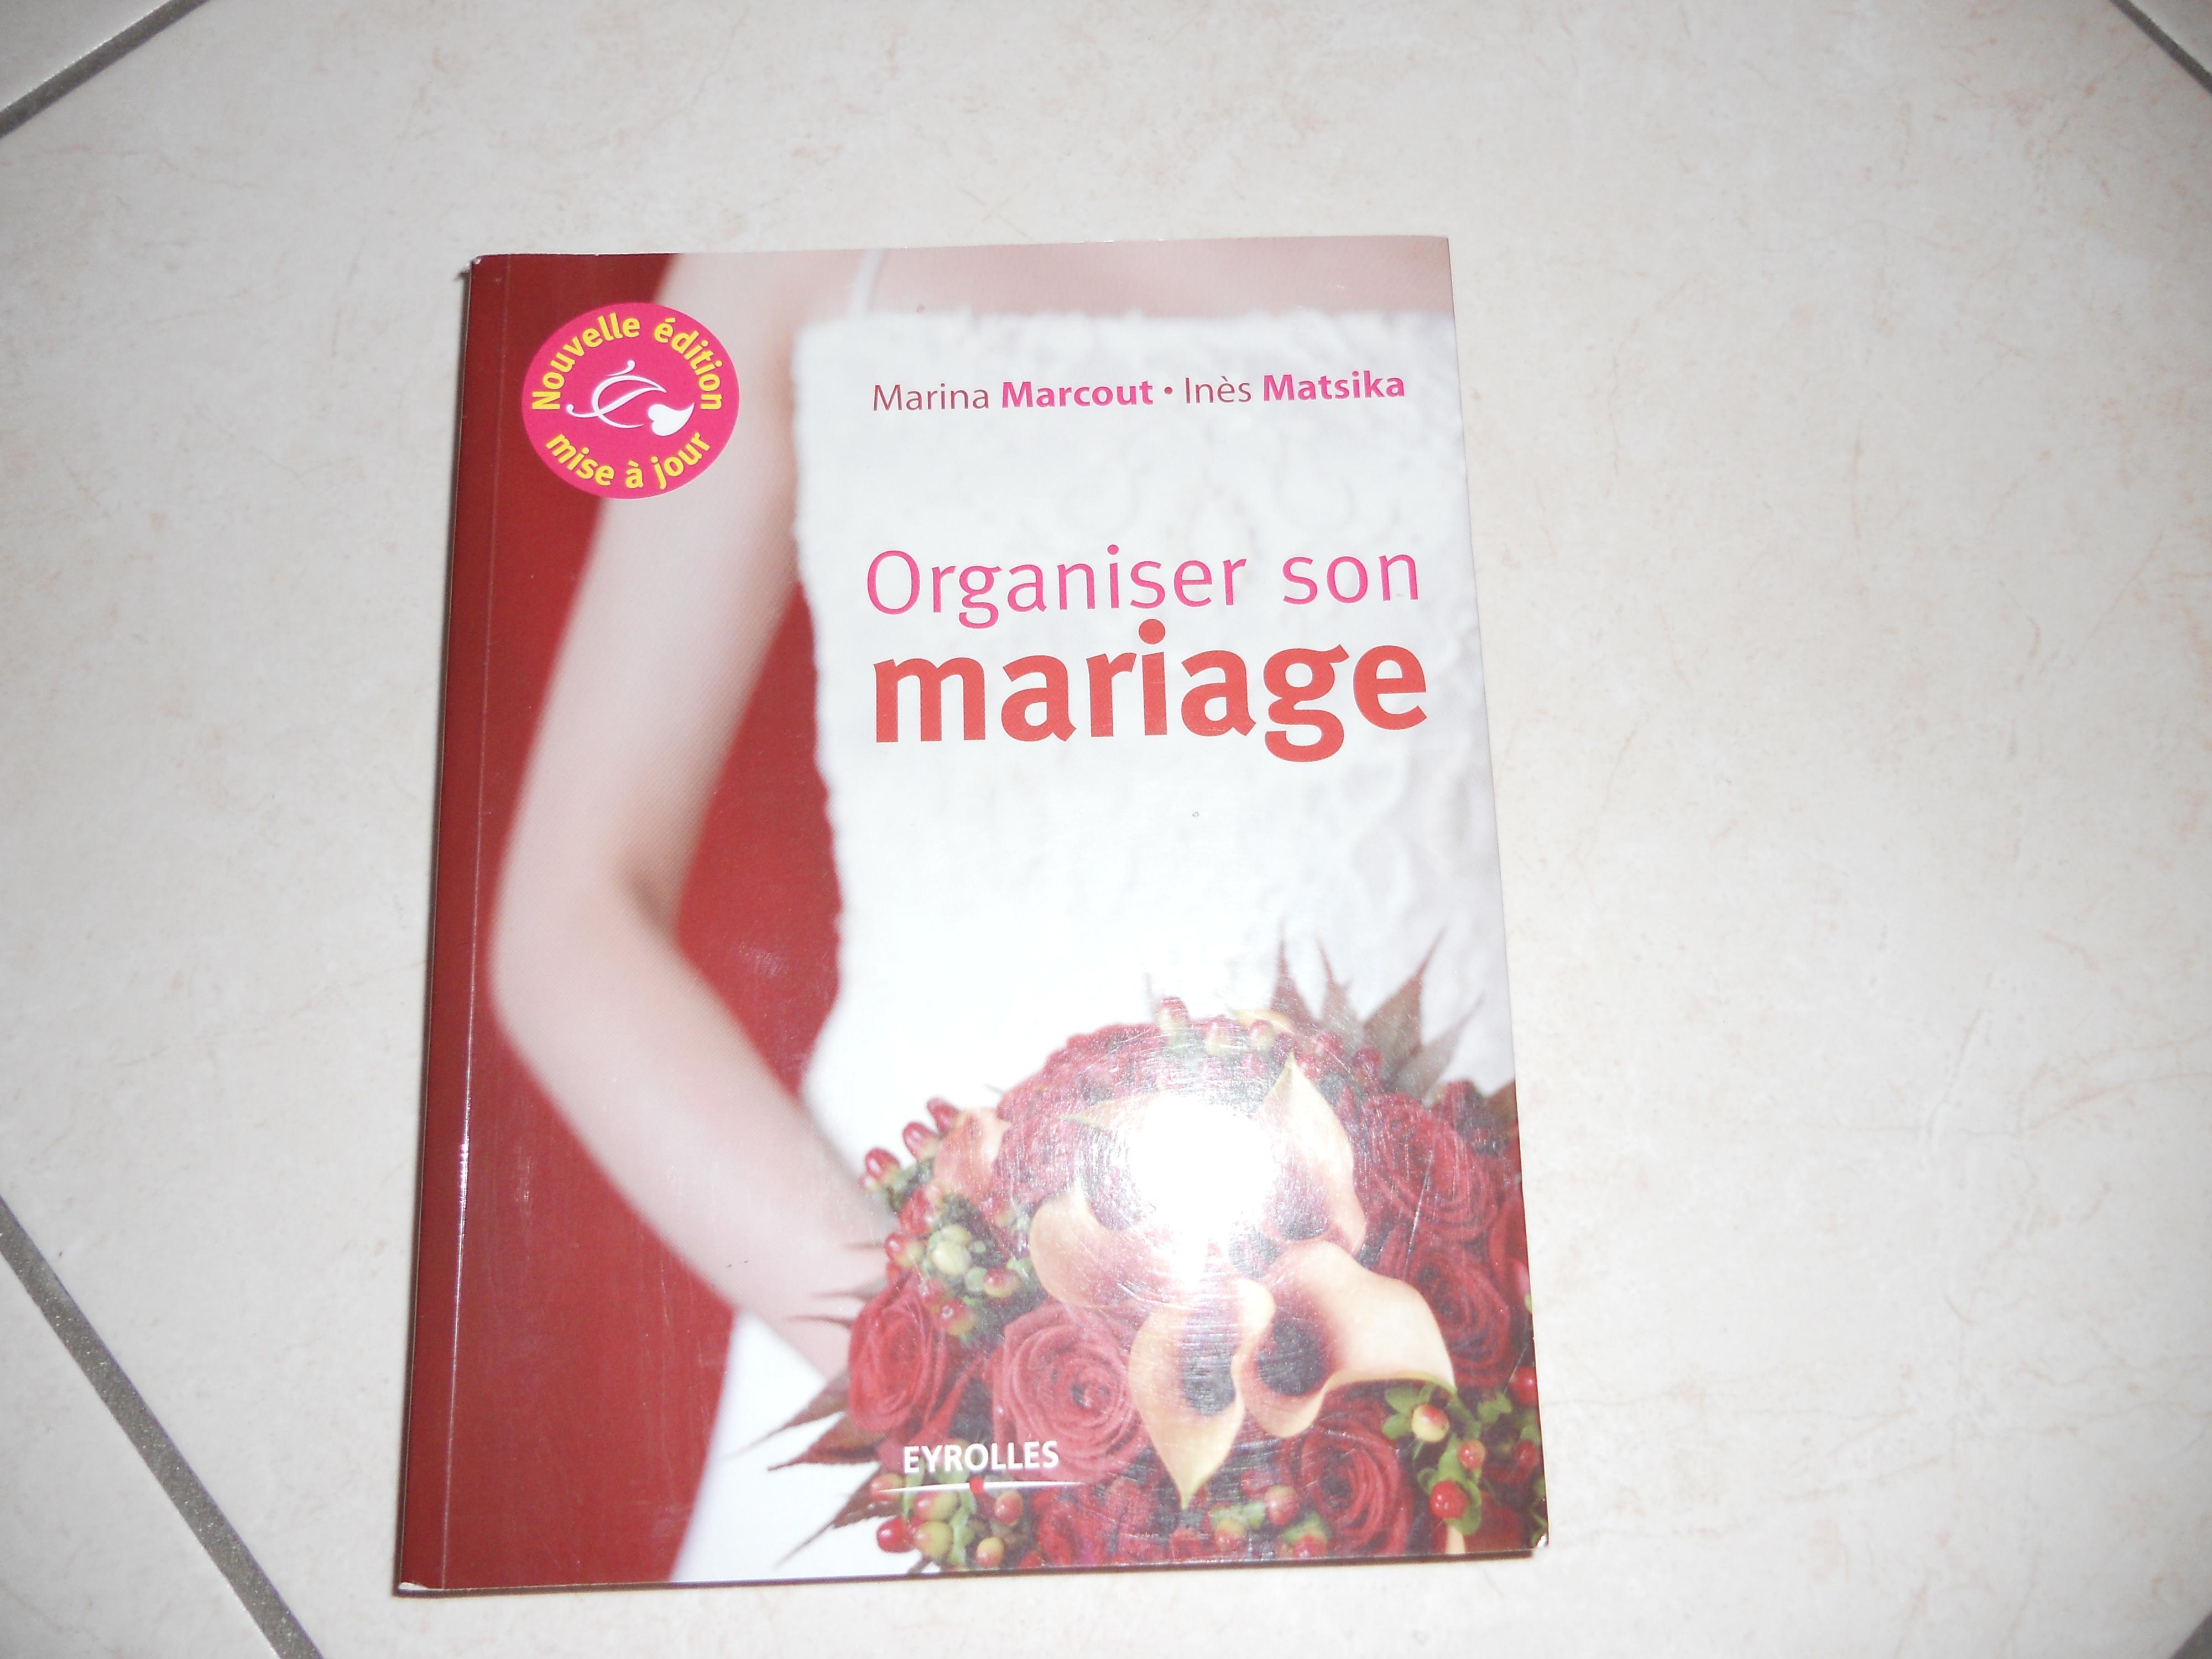 troc de troc livre organiser son mariage^-reservé image 0